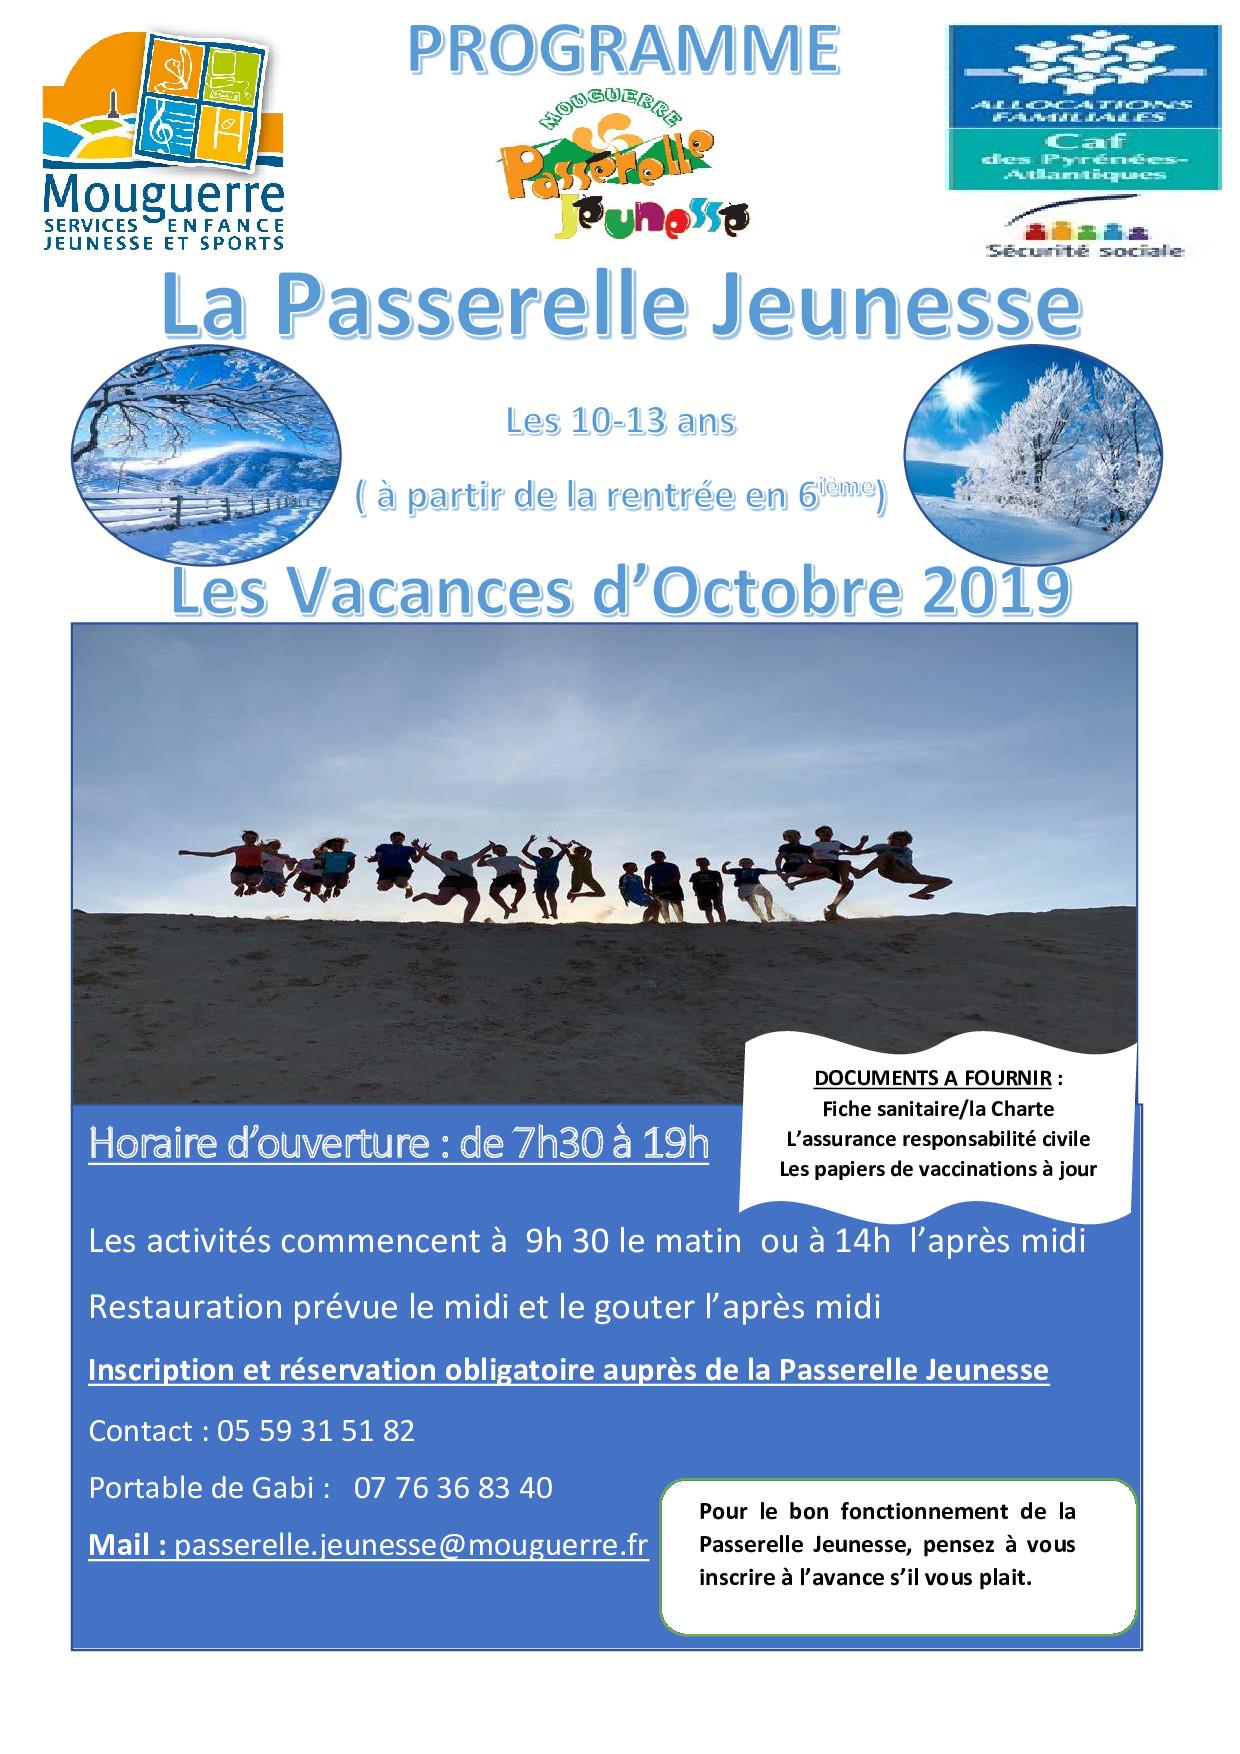 http://www.mouguerrejeunesse.fr/wp-content/uploads/2019/10/pgm-toussaint-2019.pdf